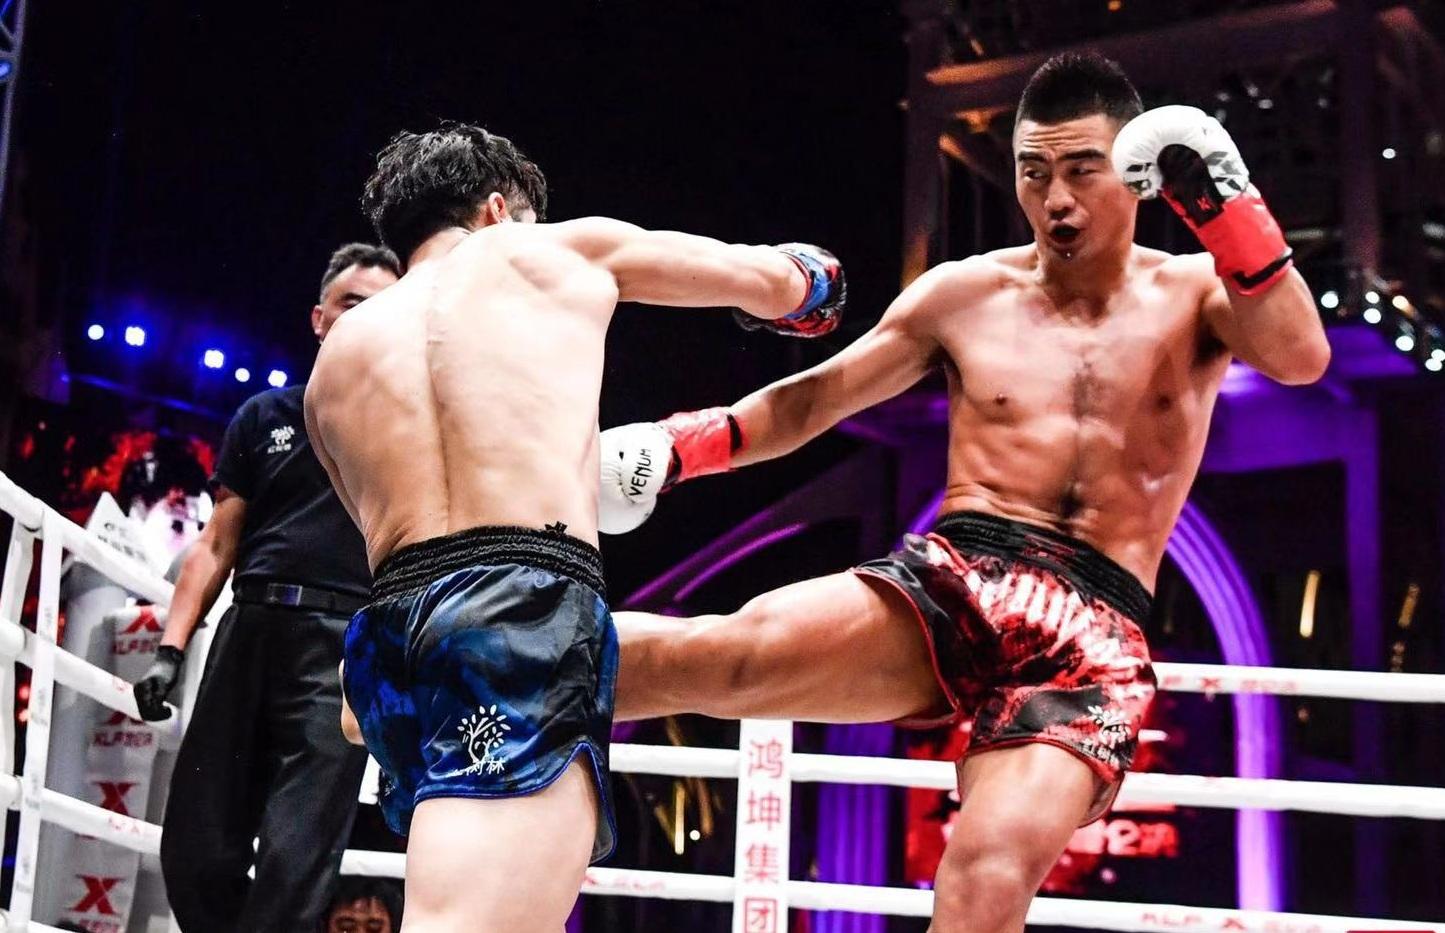 2018年12月1日武林风 杨茁vs古拉宾(Andrei Kulebin)二番战[视频]